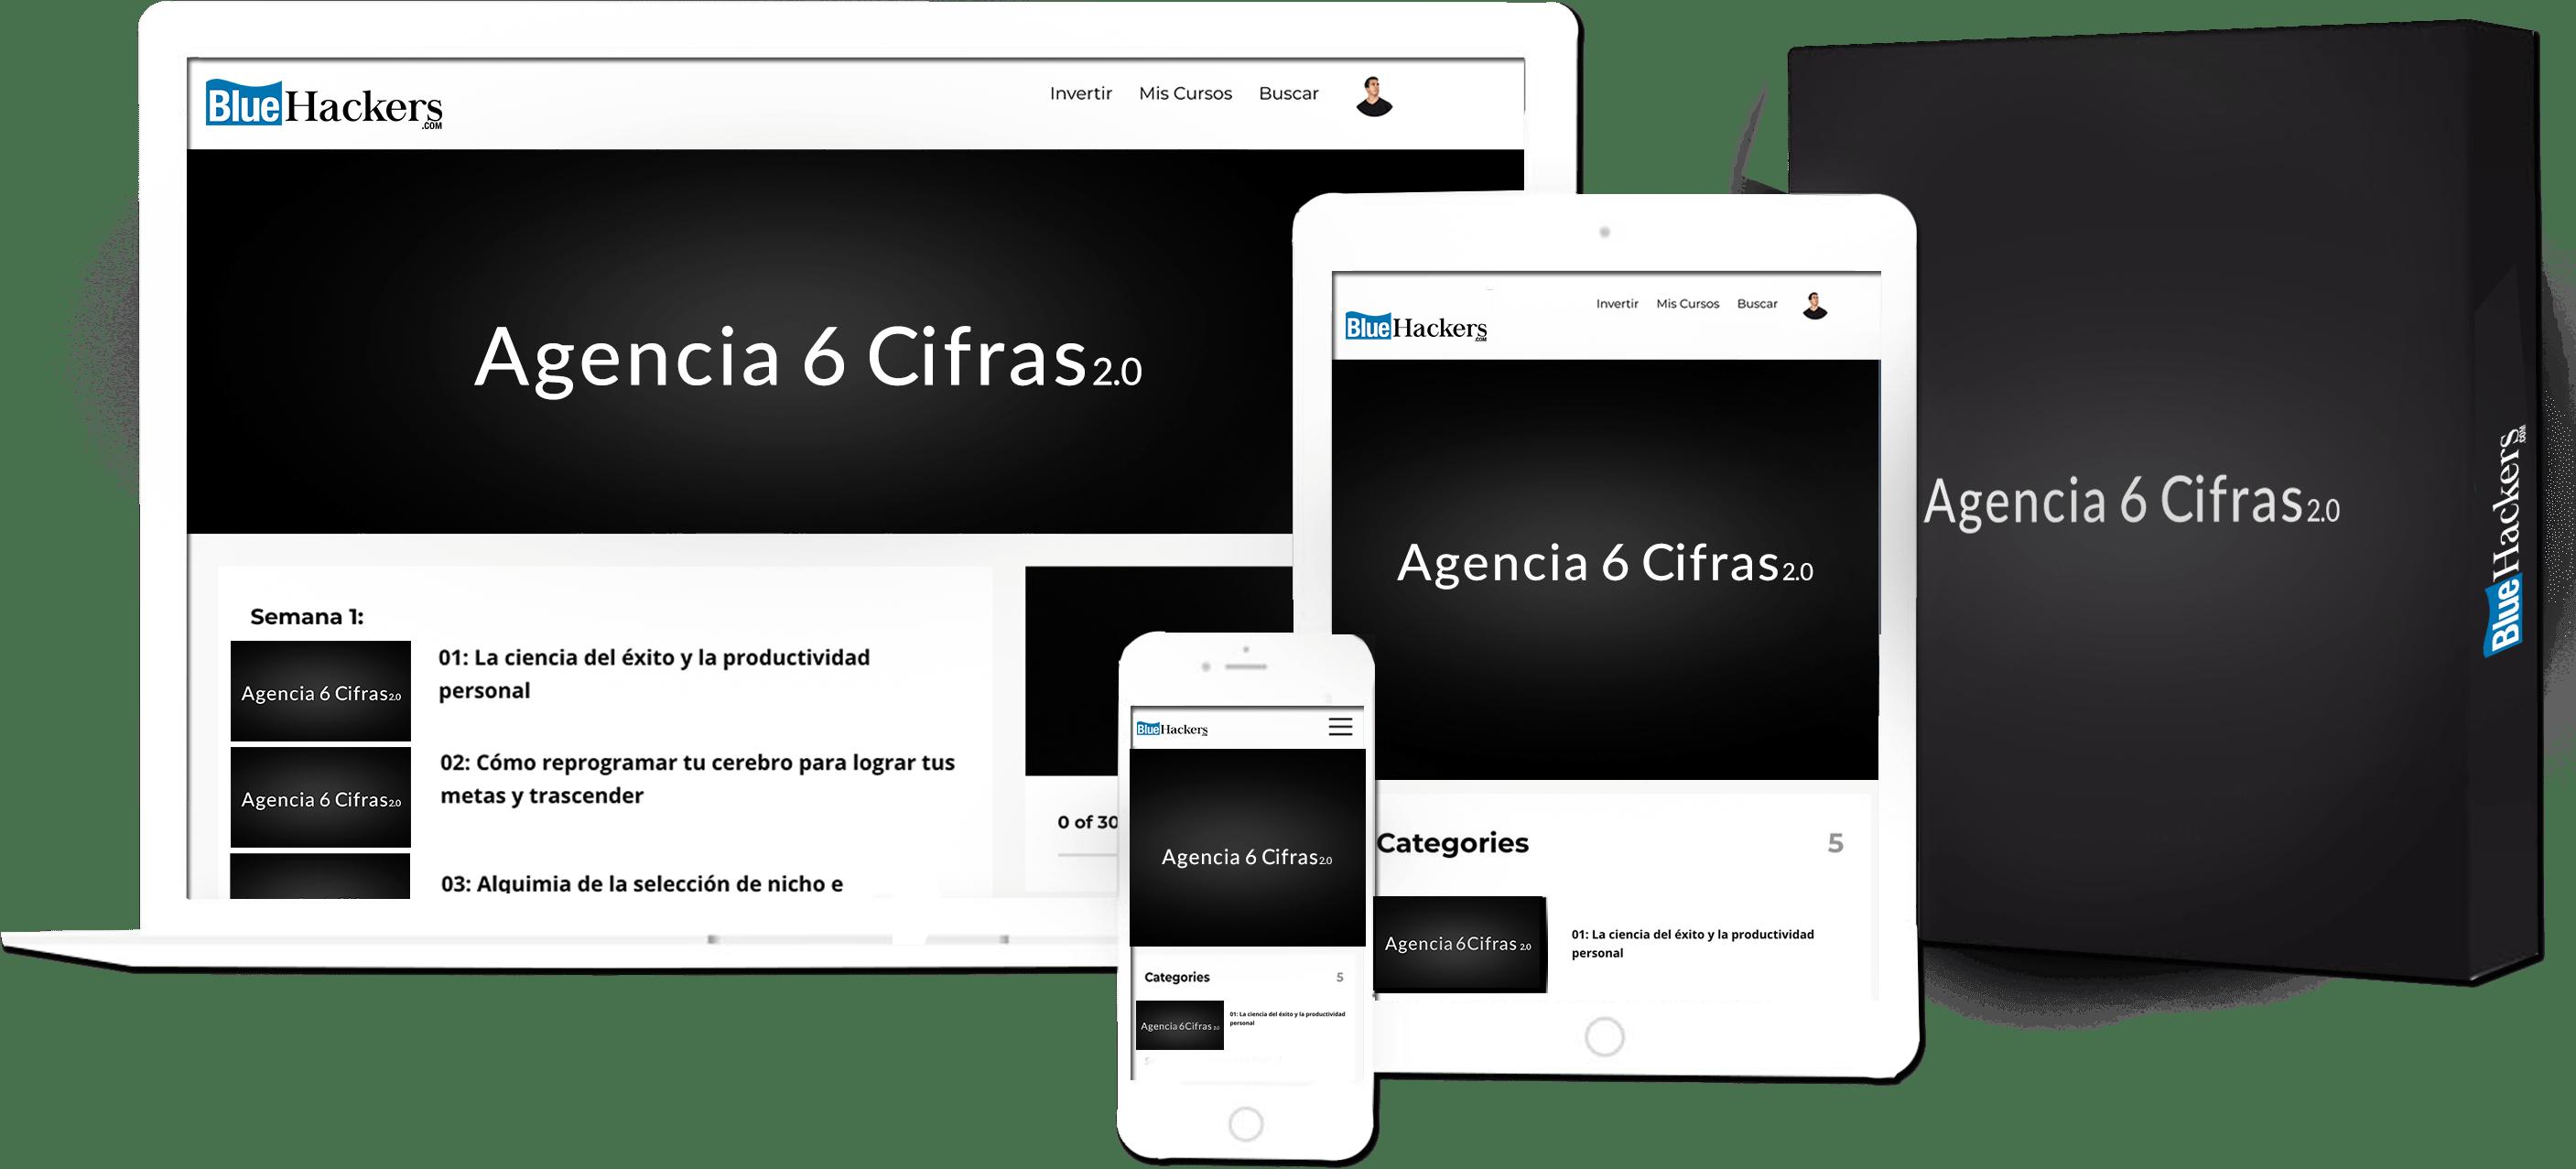 Agencia 6 Cifras 2.0